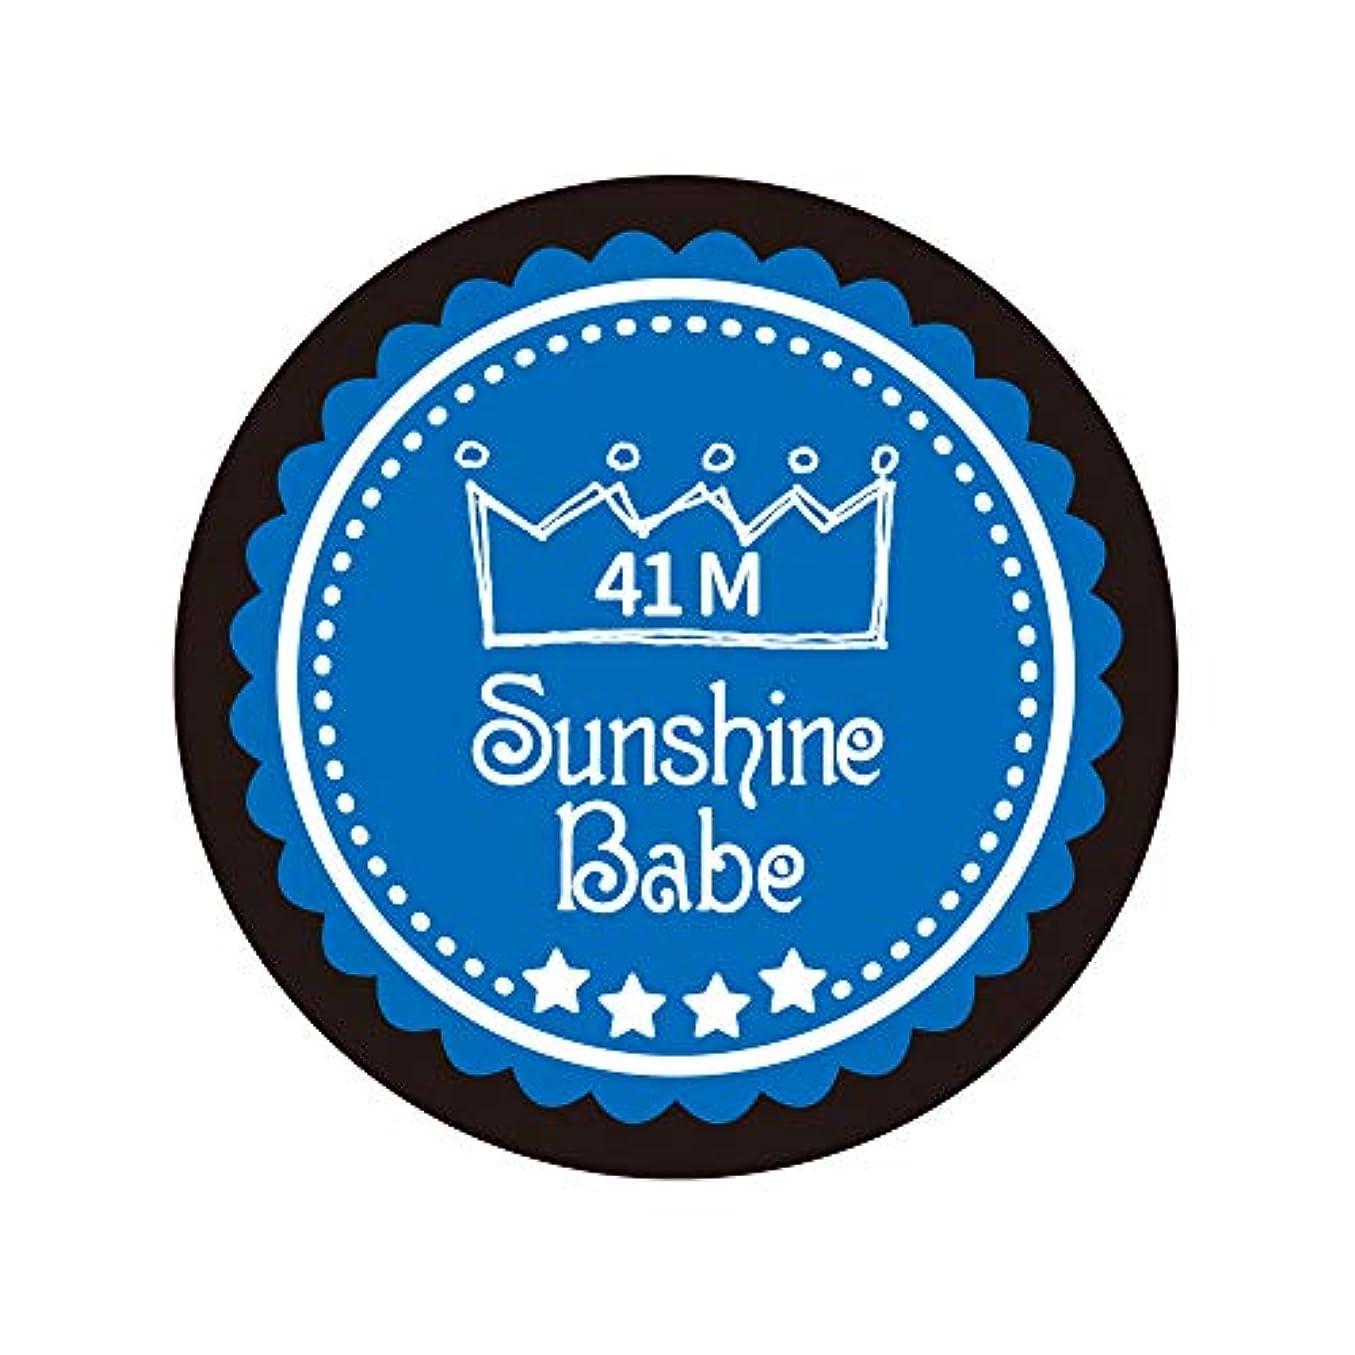 毎日真剣に最適Sunshine Babe カラージェル 41M ネブラスブルー 2.7g UV/LED対応